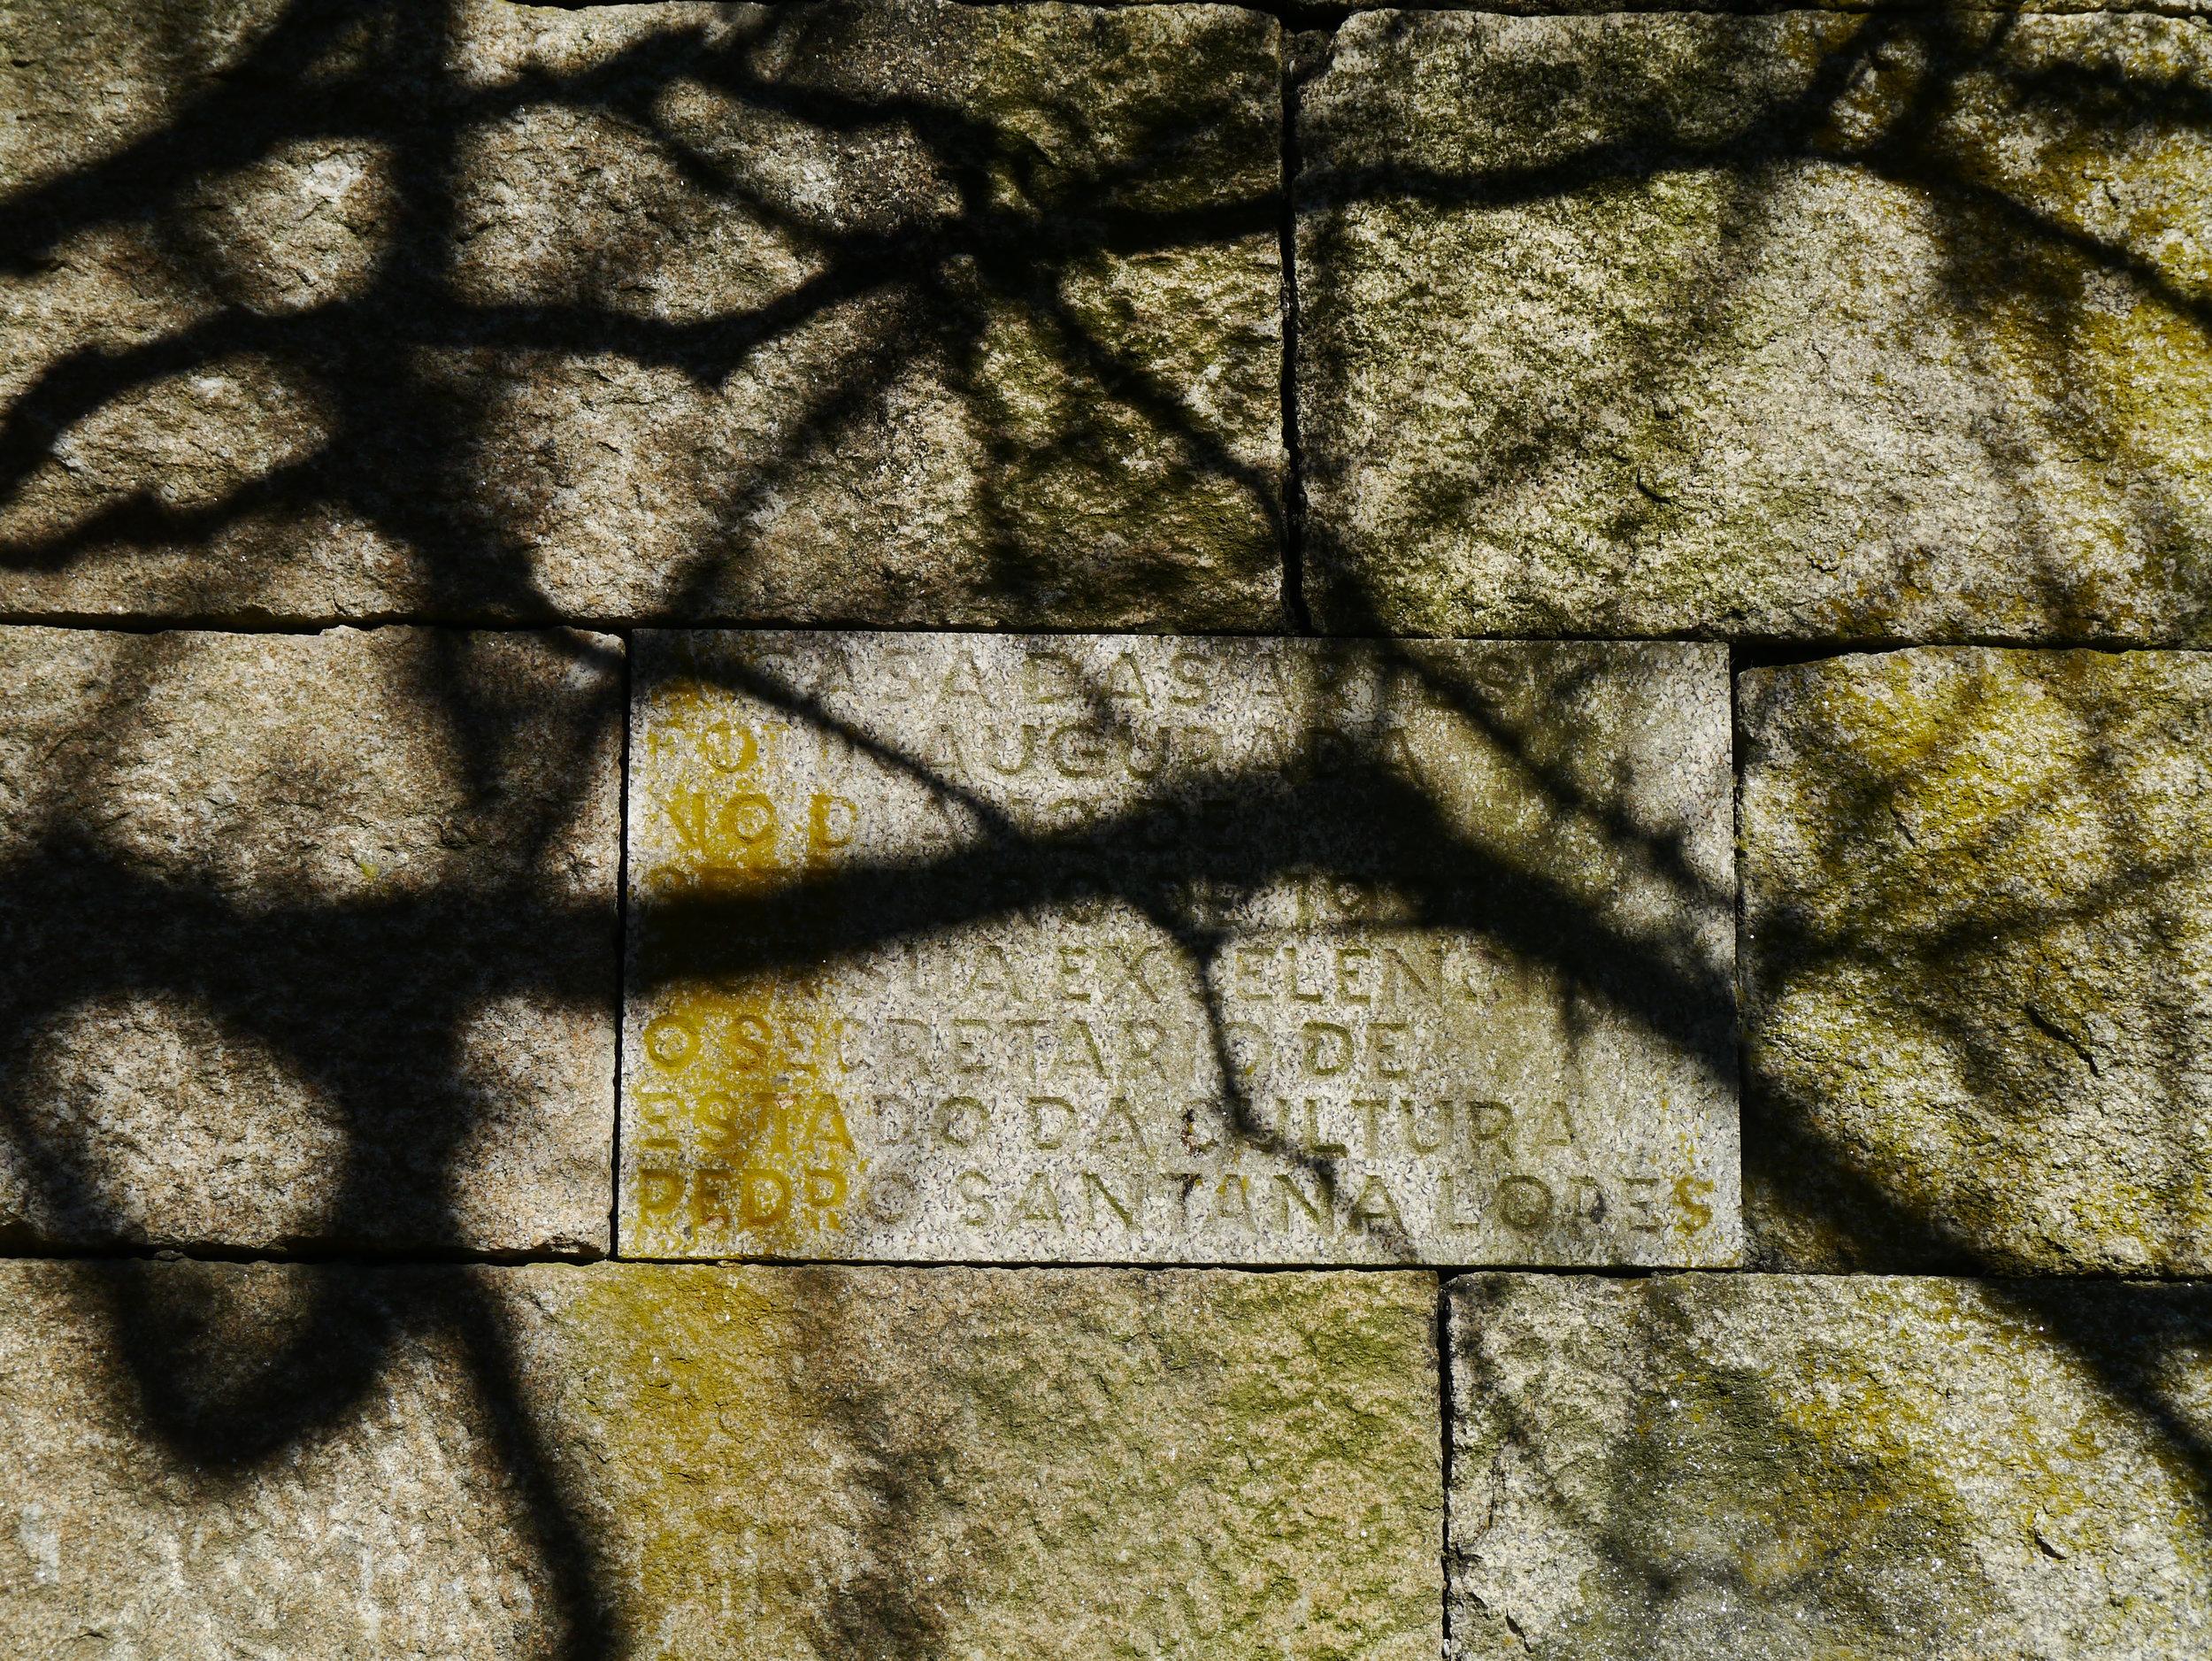 Shadows through trees on stone block wall. Casa Das Artes by architect Souto Moura - Porto